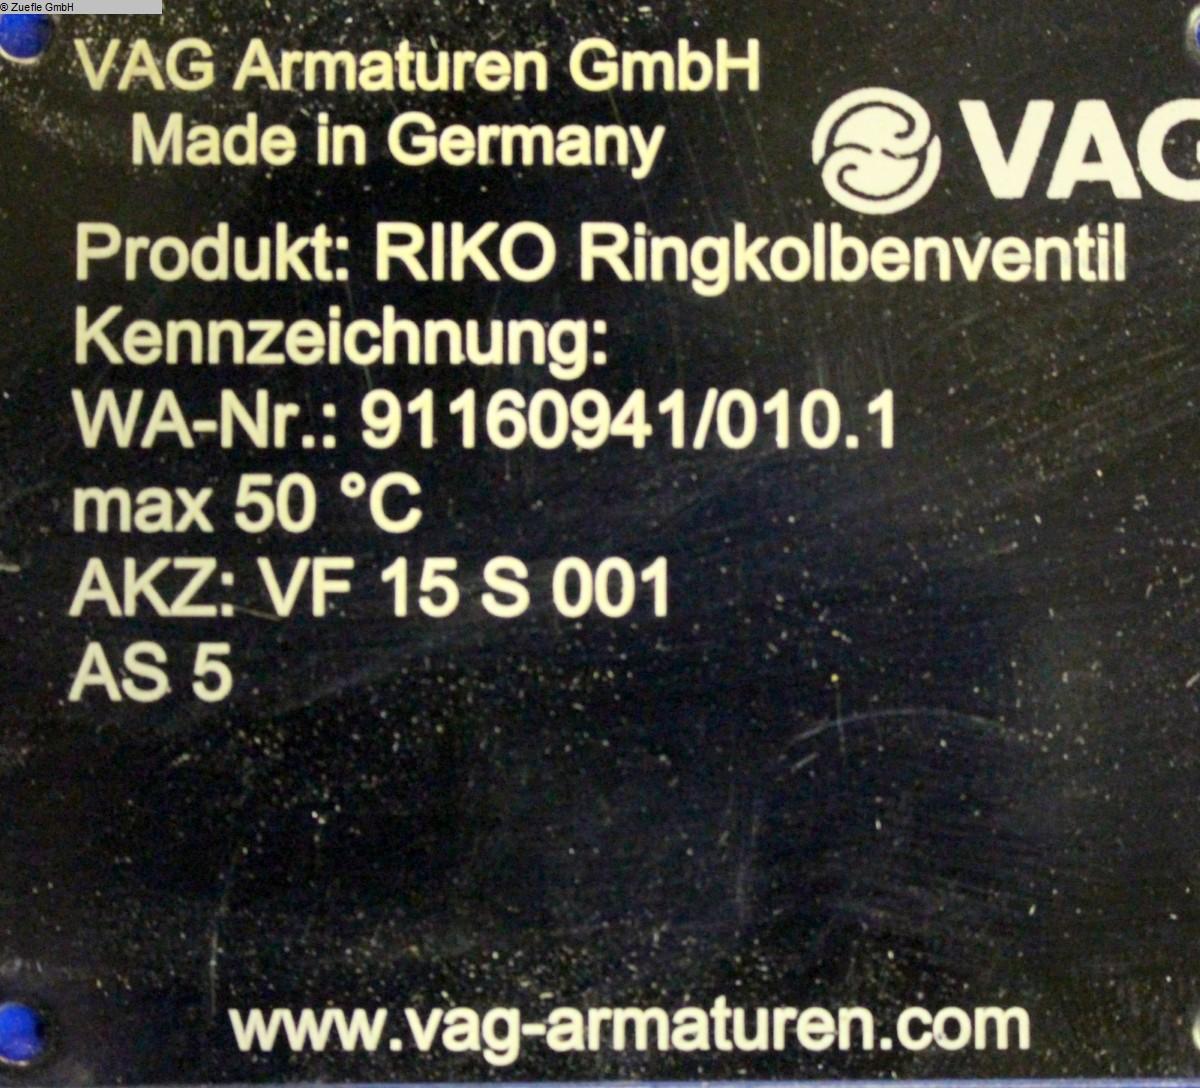 https://lagermaschinen.de/machinedocs/1139/1139-00306-20102020171632772.jpg